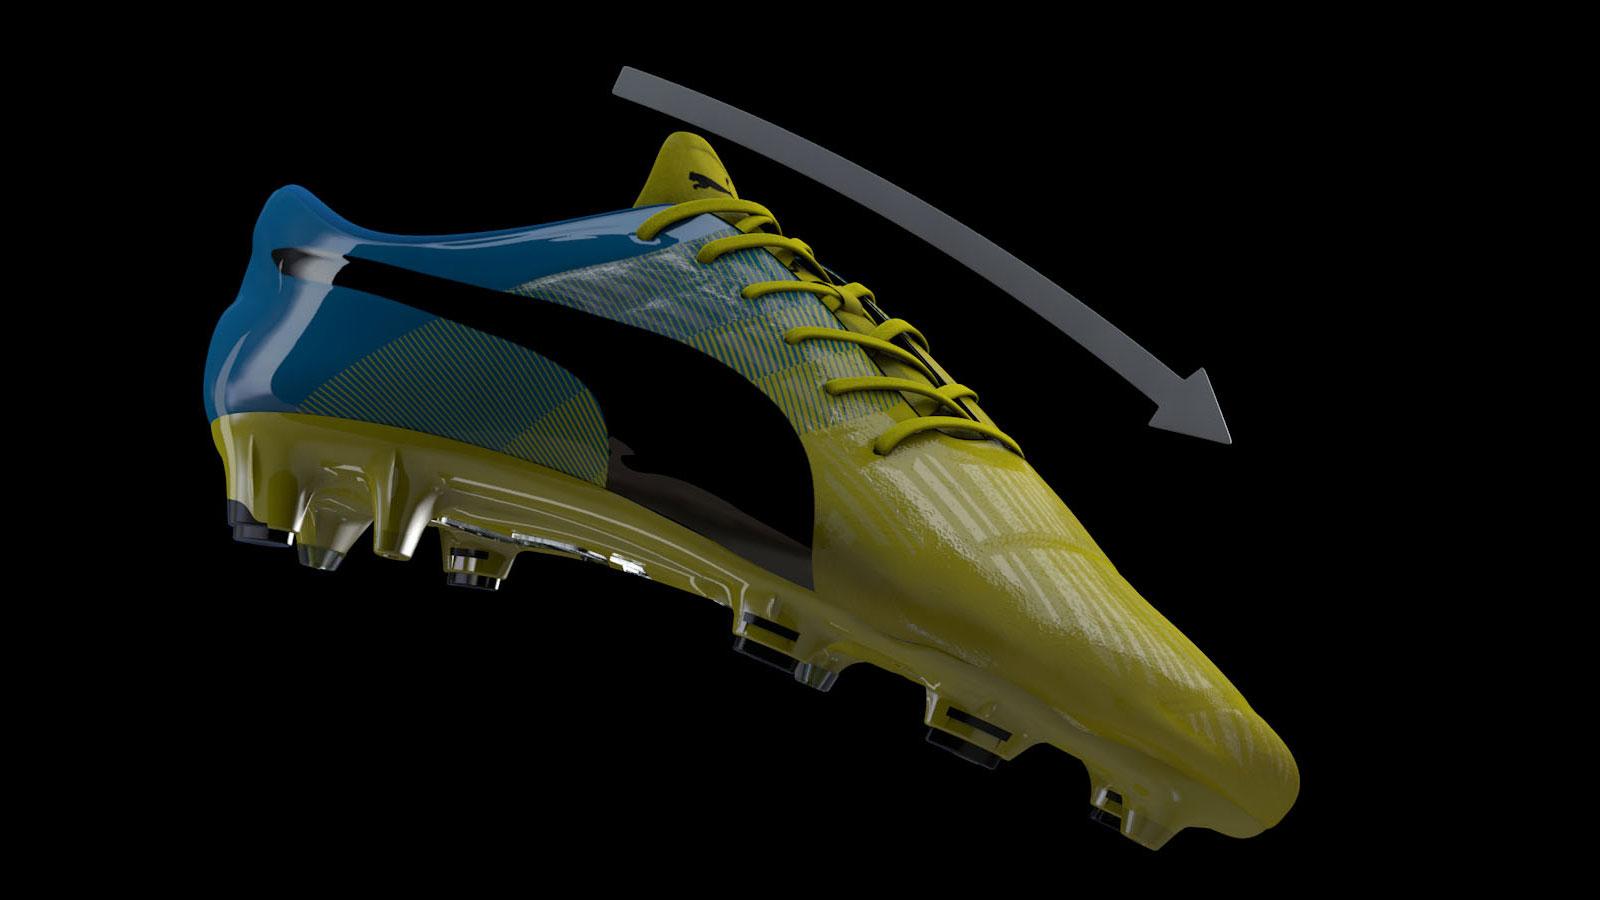 Puma evoPower 1.3 GSF Sohle der Schuhe